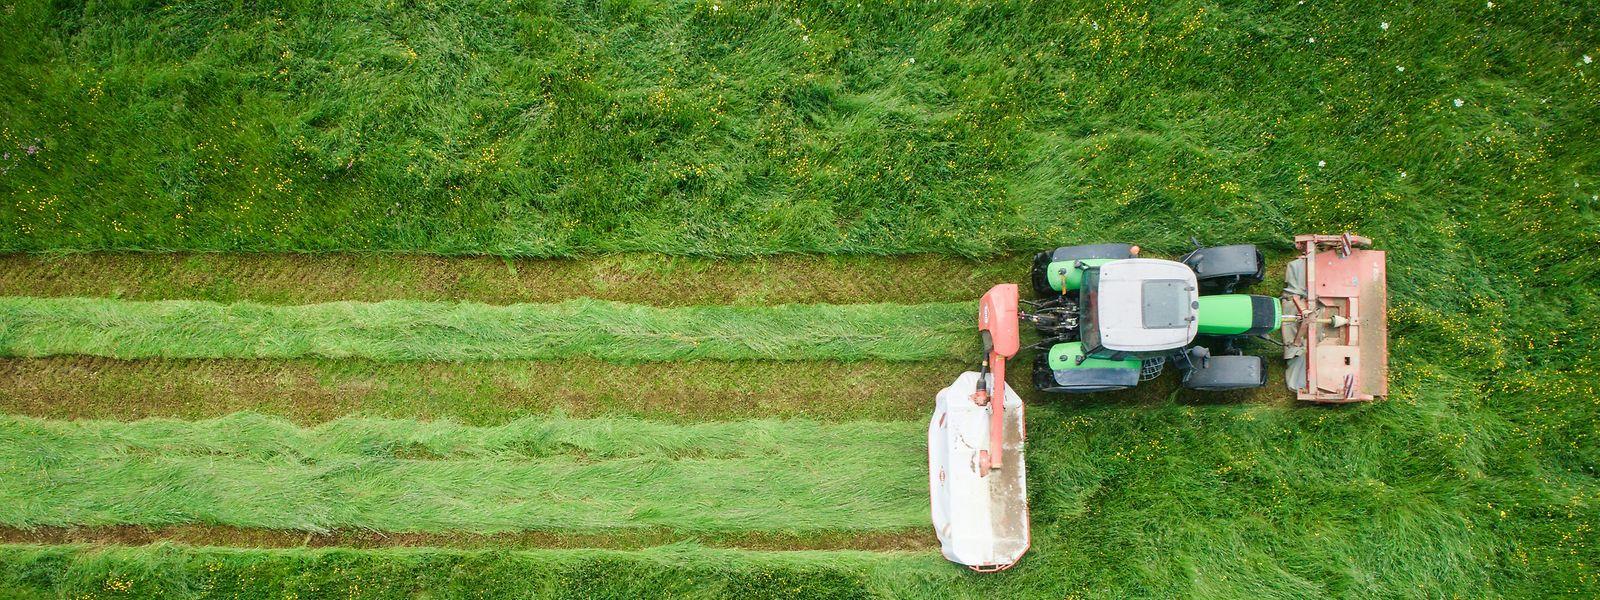 Die Landwirtschaft soll eine wichtige Säule des Landes bleiben. Das ist eines der Ziele des Regierungsabkommens. Romain Schneider soll dafür sorgen, dass dies in den kommenden fünf Jahren gelingt.